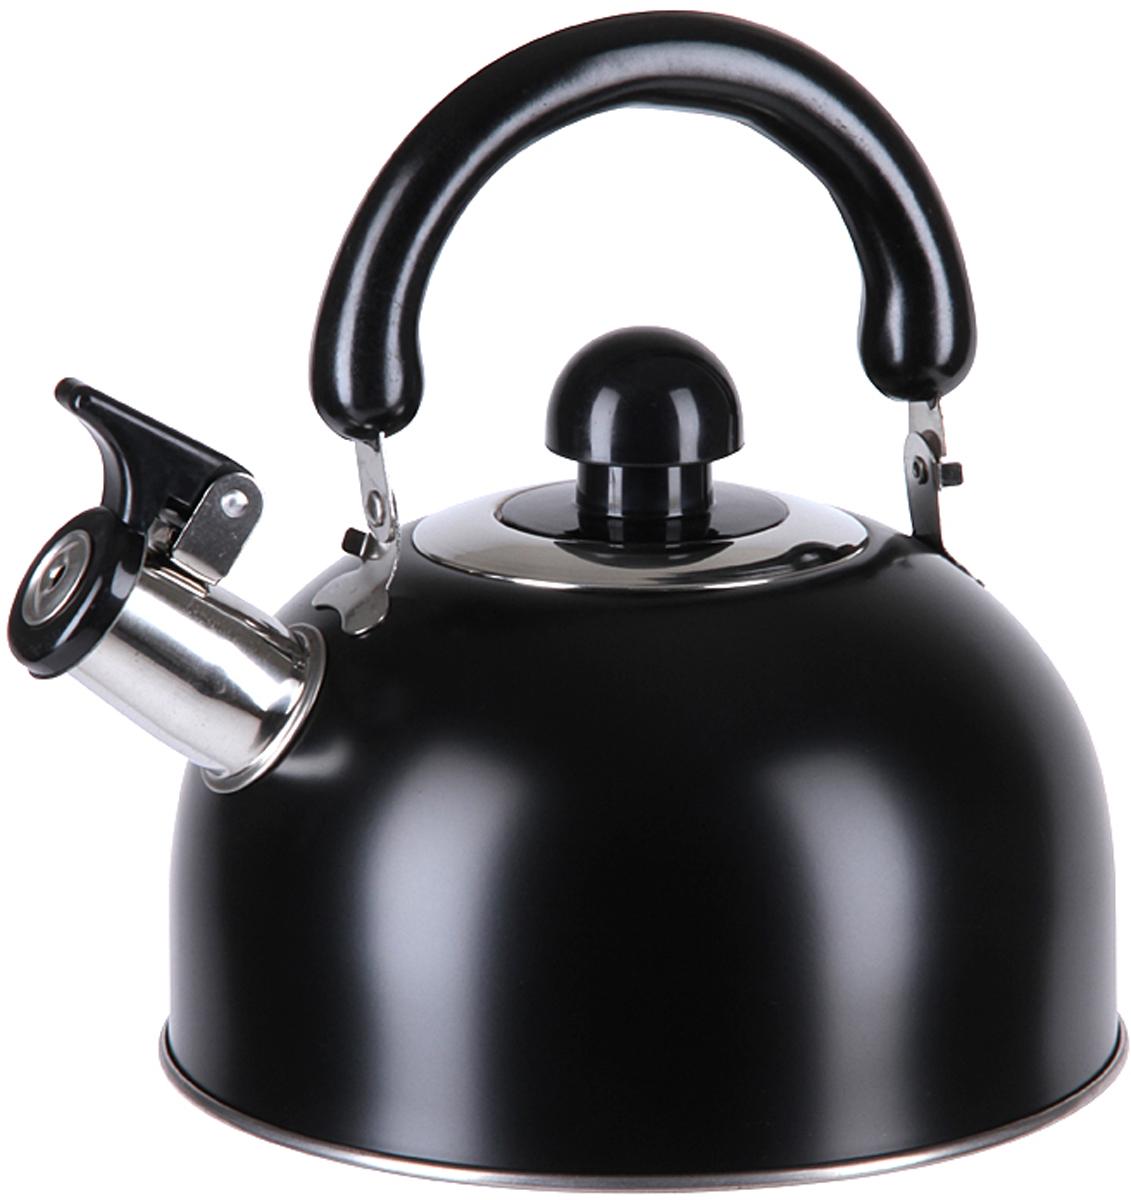 Чайник Pomi d'Oro PSS-650011-M, со свистком, 2,5 л. 77.858@26762 чайник pomi d'oro pss 650011 l со свистком 3 л 77 858 26763